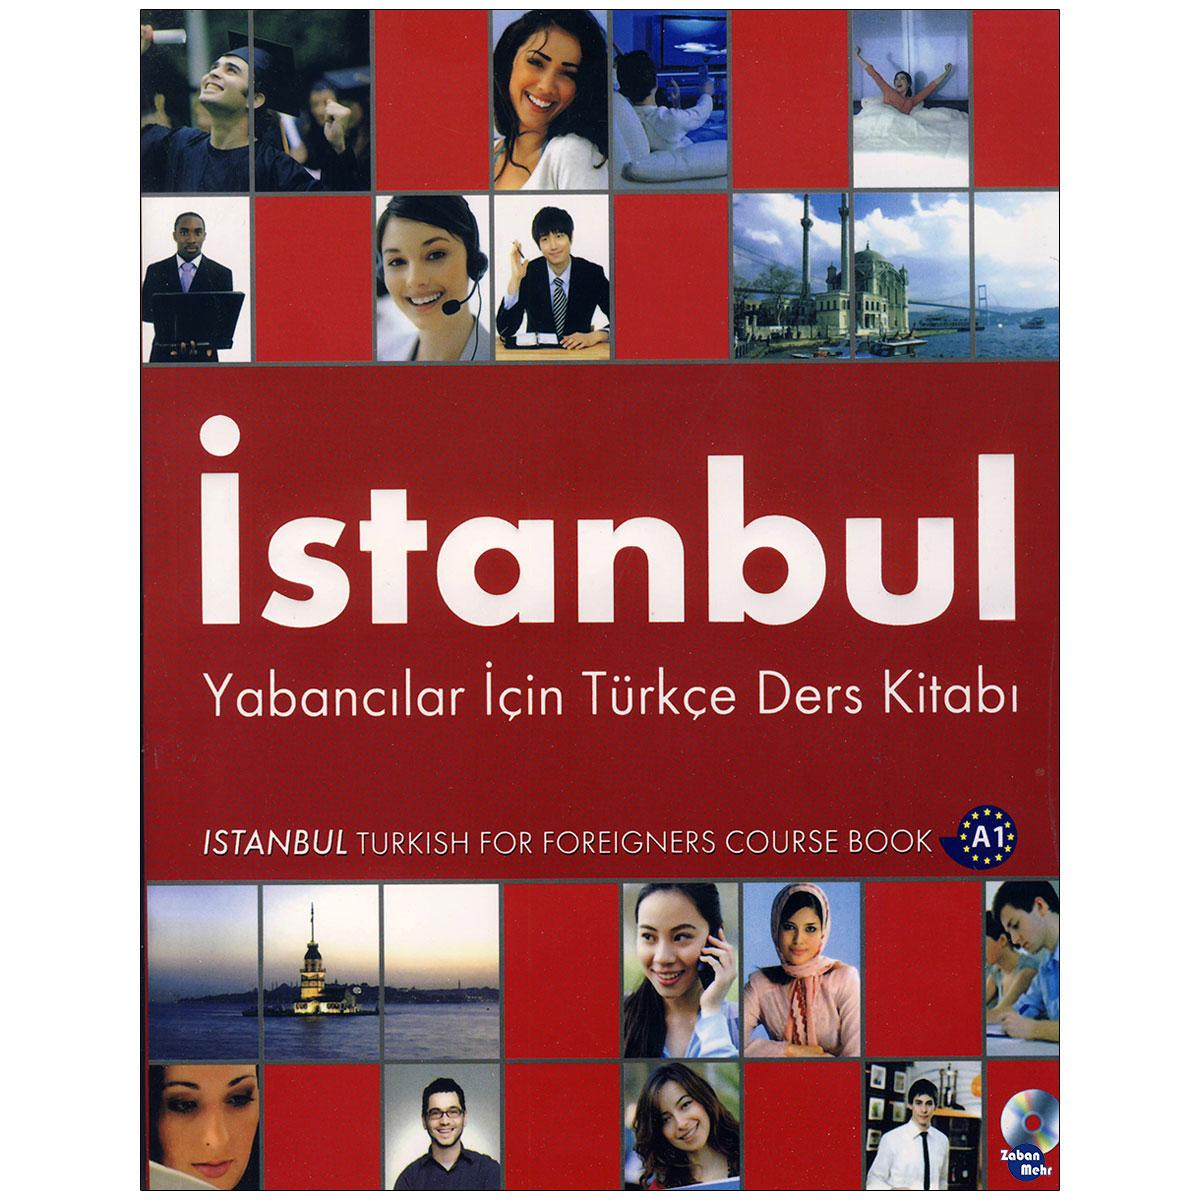 خرید                      کتاب Istanbul A1 اثر جمعی از نویسندگان انتشارات زبان مهر